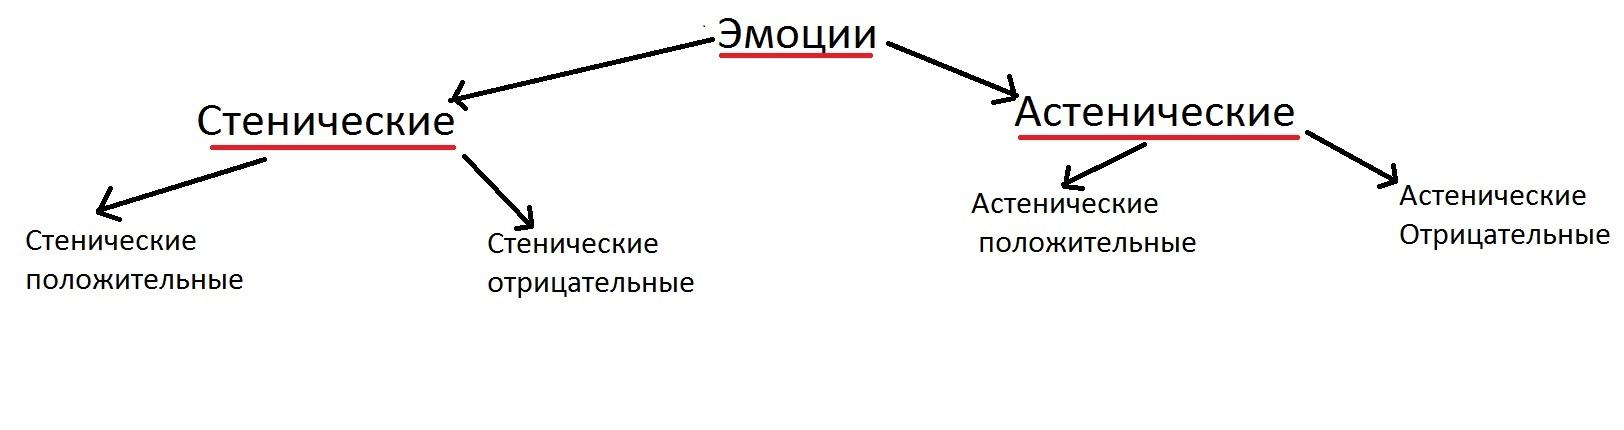 astenicheskie_i_stenicheskie_emocii